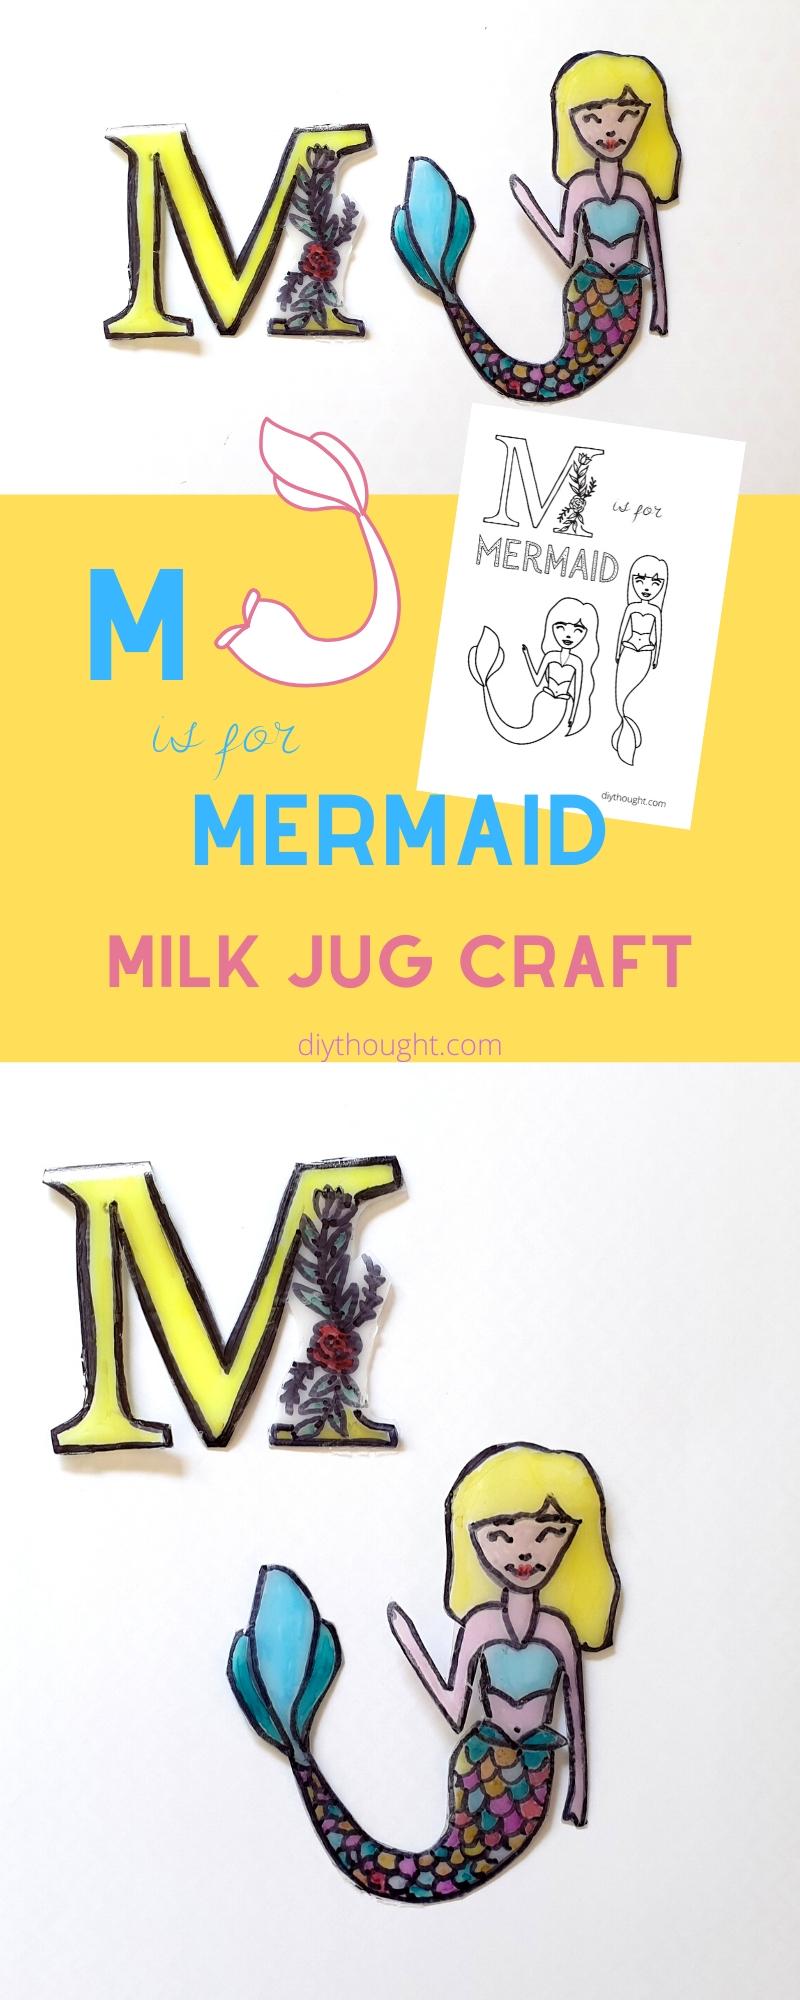 mermaid milk jug craft